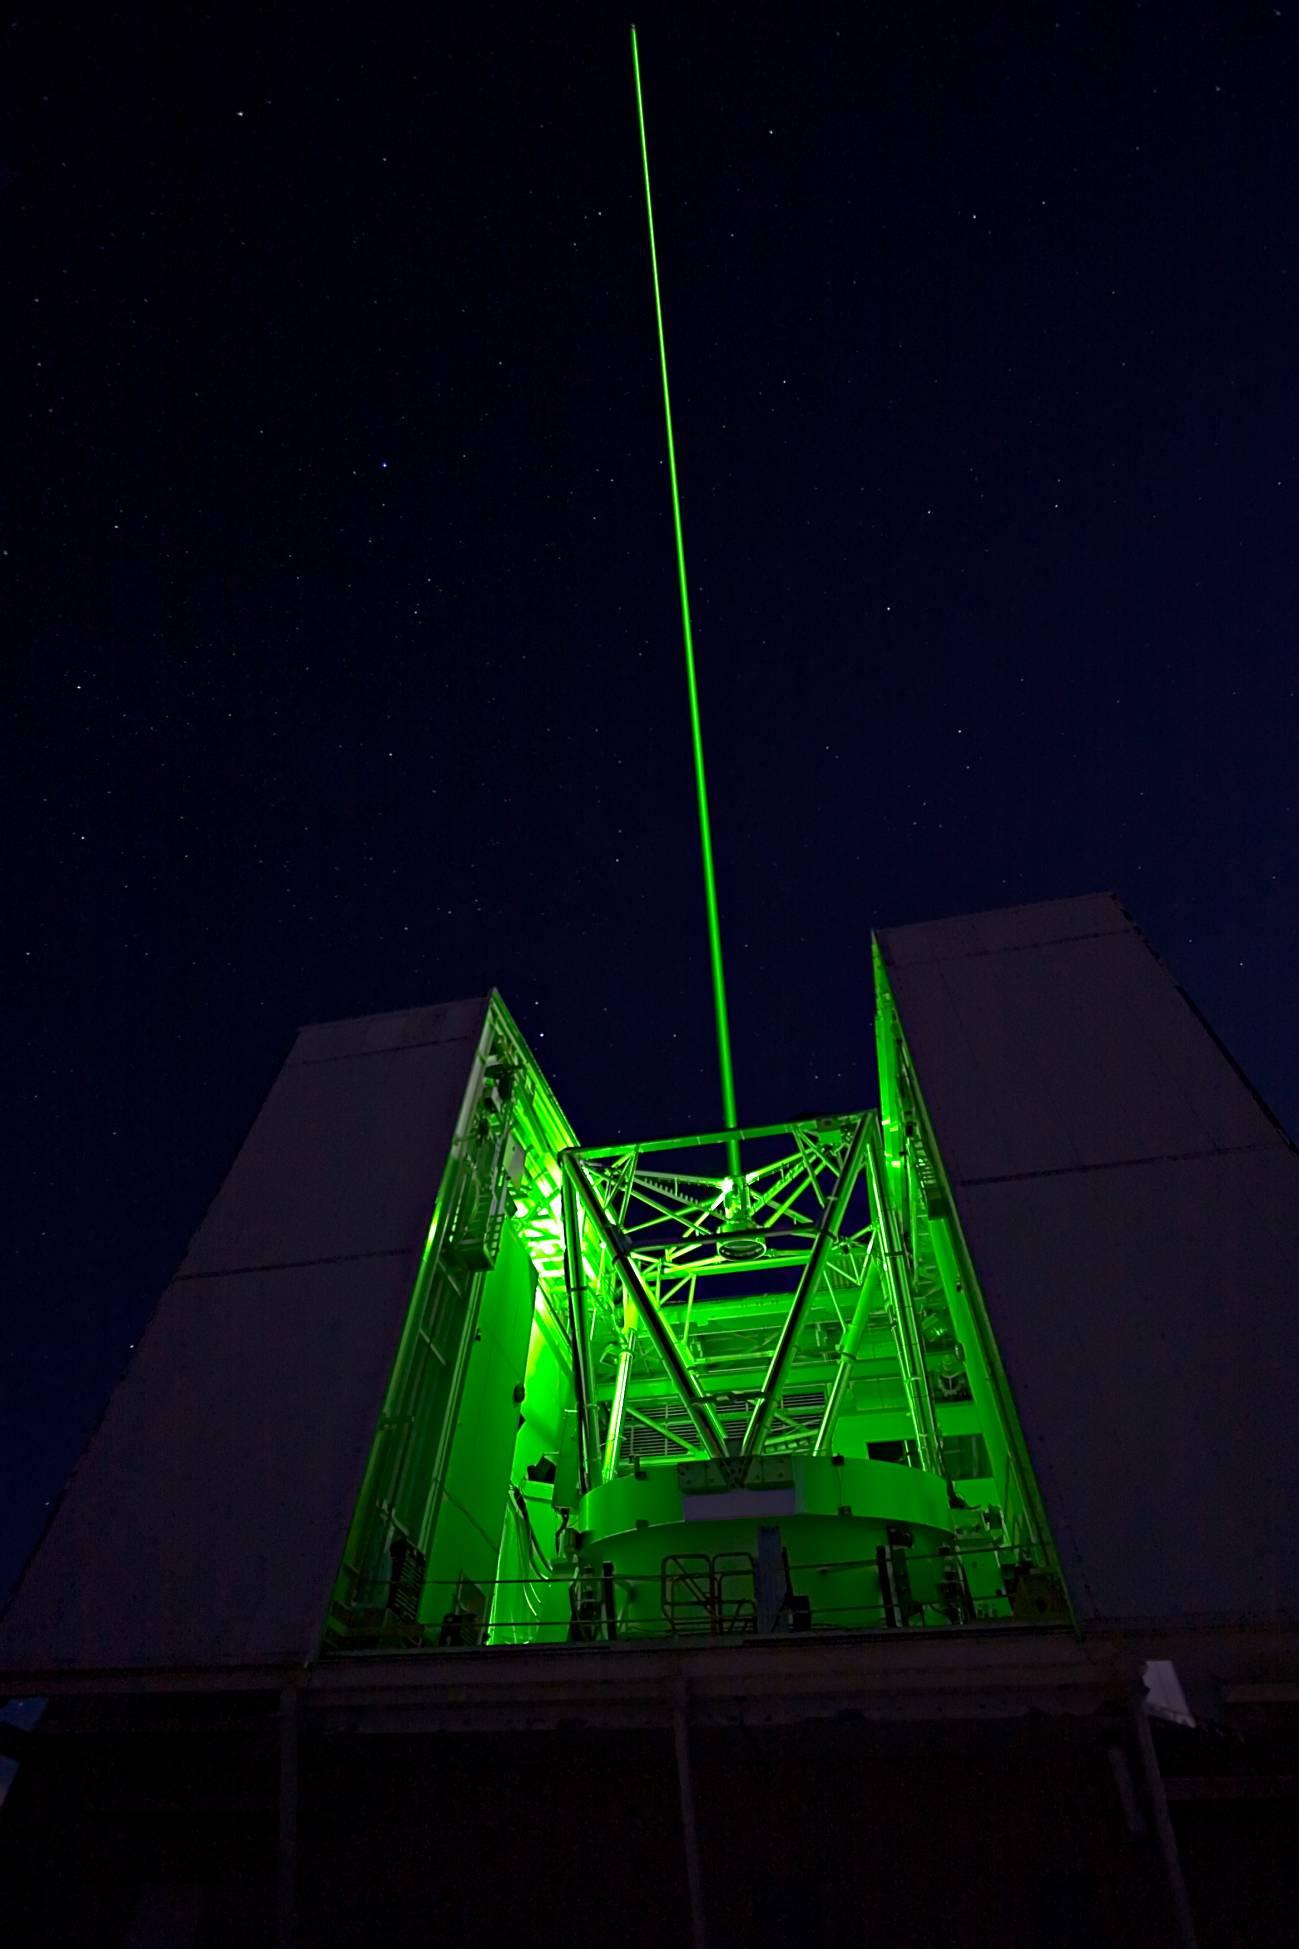 Presentan un nuevo método para captar imágenes más nítidas de las estrellas